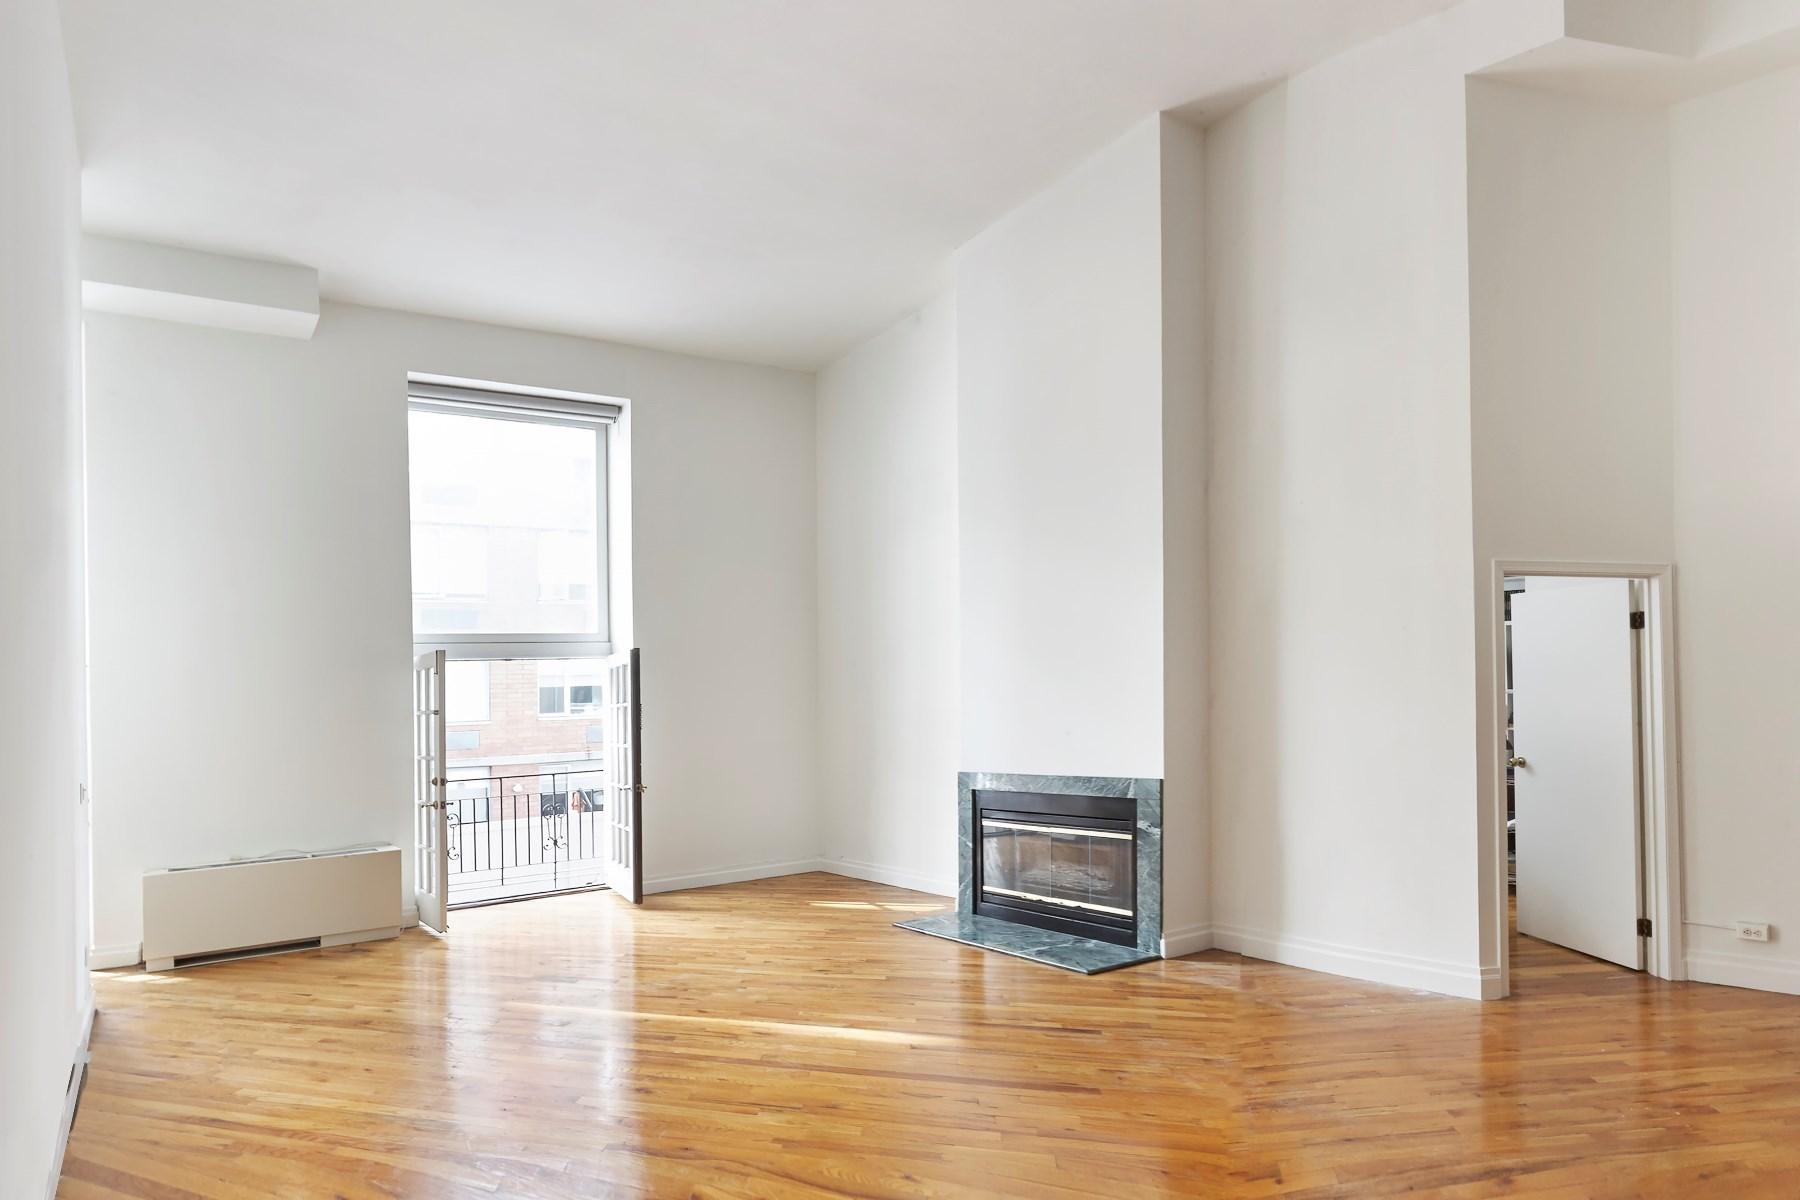 Condominium for Sale at 121 West 20th Street, Apt 2C 121 West 20th Street Apt 2C Chelsea, New York, New York, 10011 United States